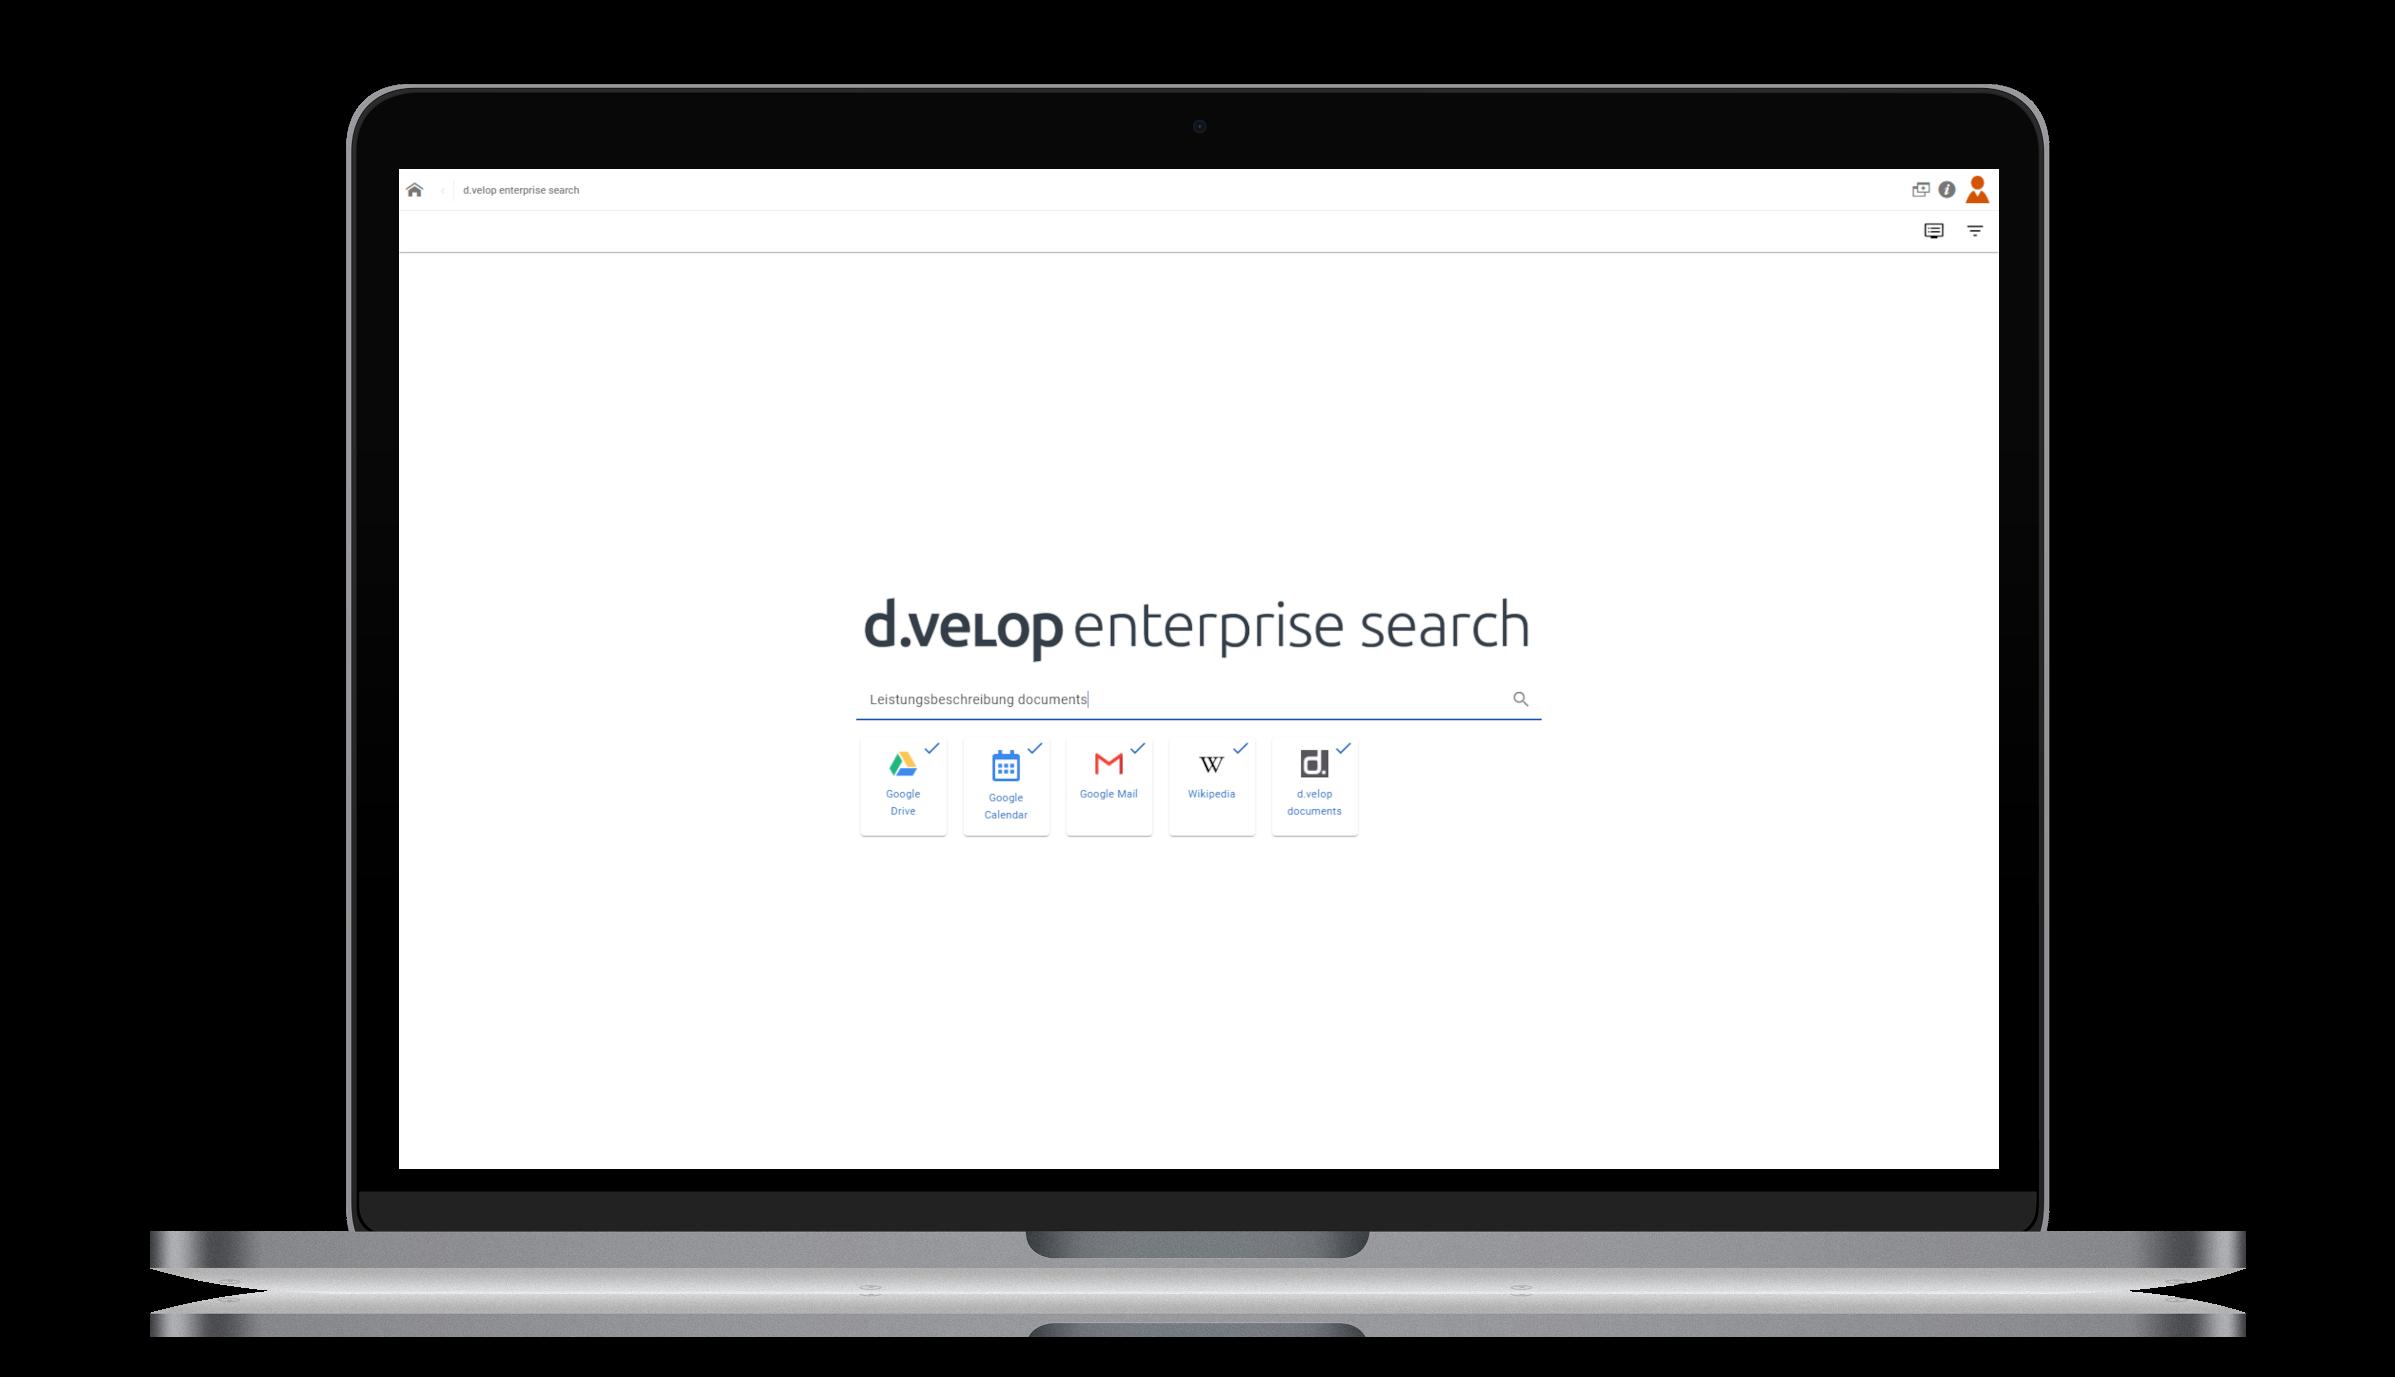 d.velop documents – Unternehmensweite Suche